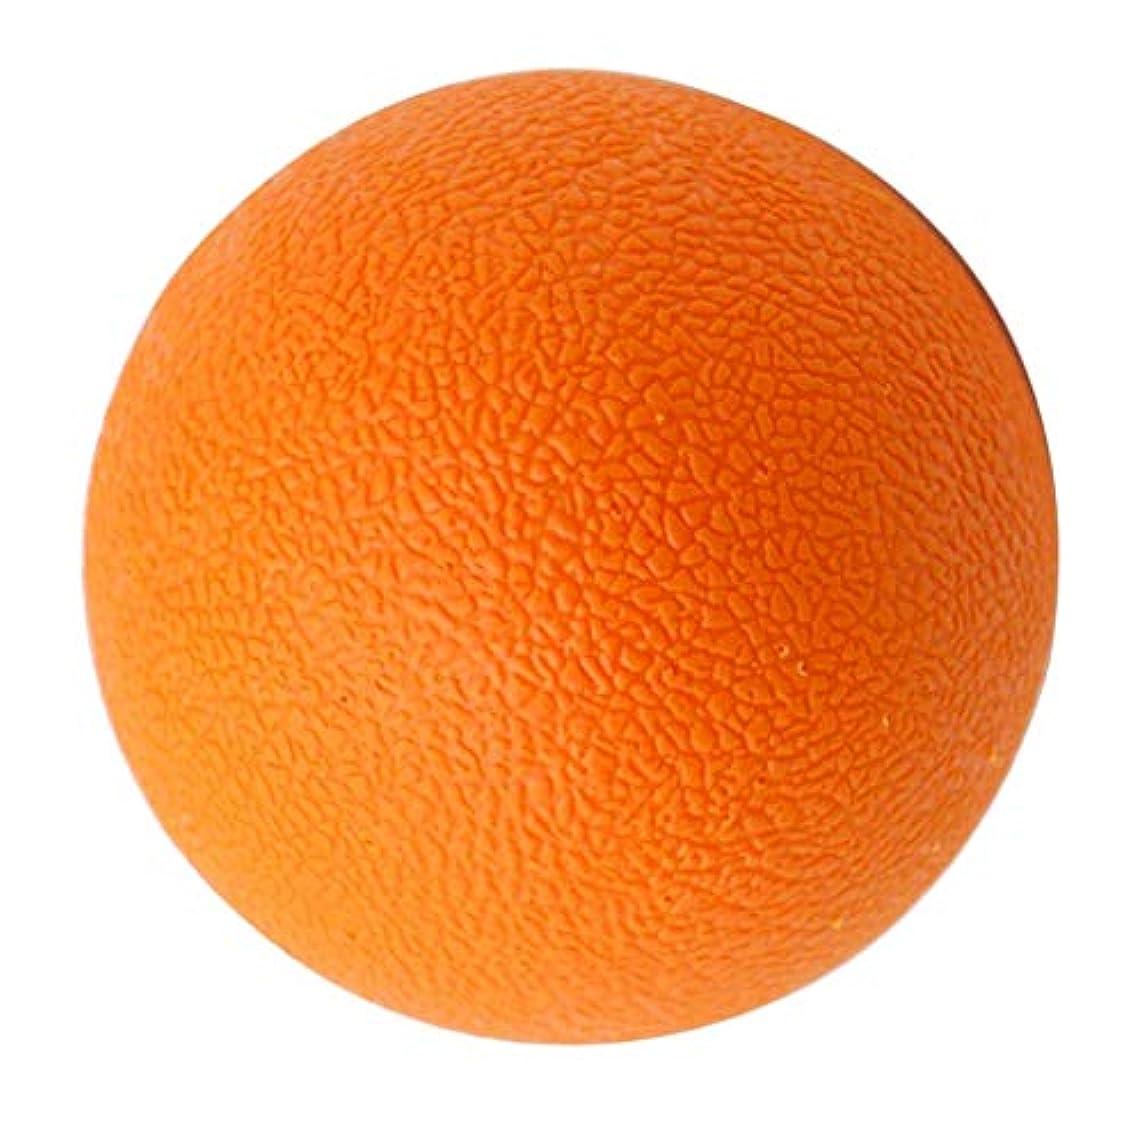 大きなスケールで見るとトレイル静かにラクロスボール マッサージボール トリガーポイント 筋膜リリース 腕、首、背中 解消 オレンジ